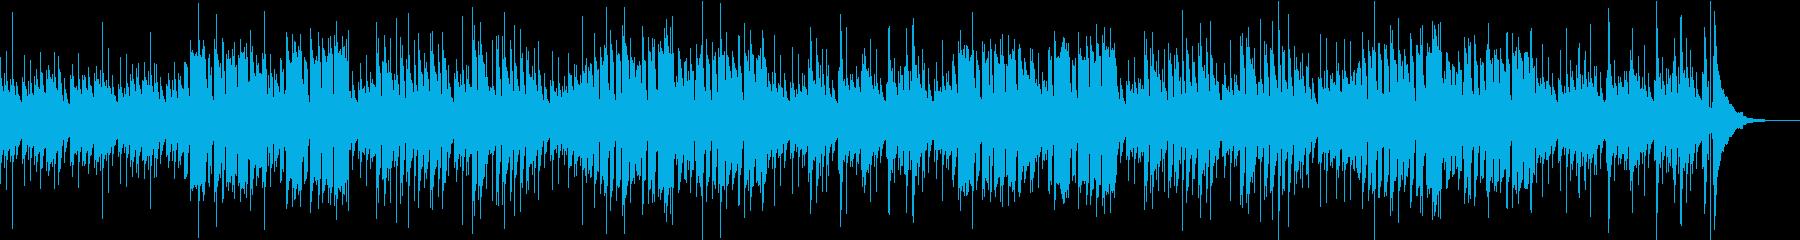 のどかでほのぼのした雰囲気のBGMの再生済みの波形